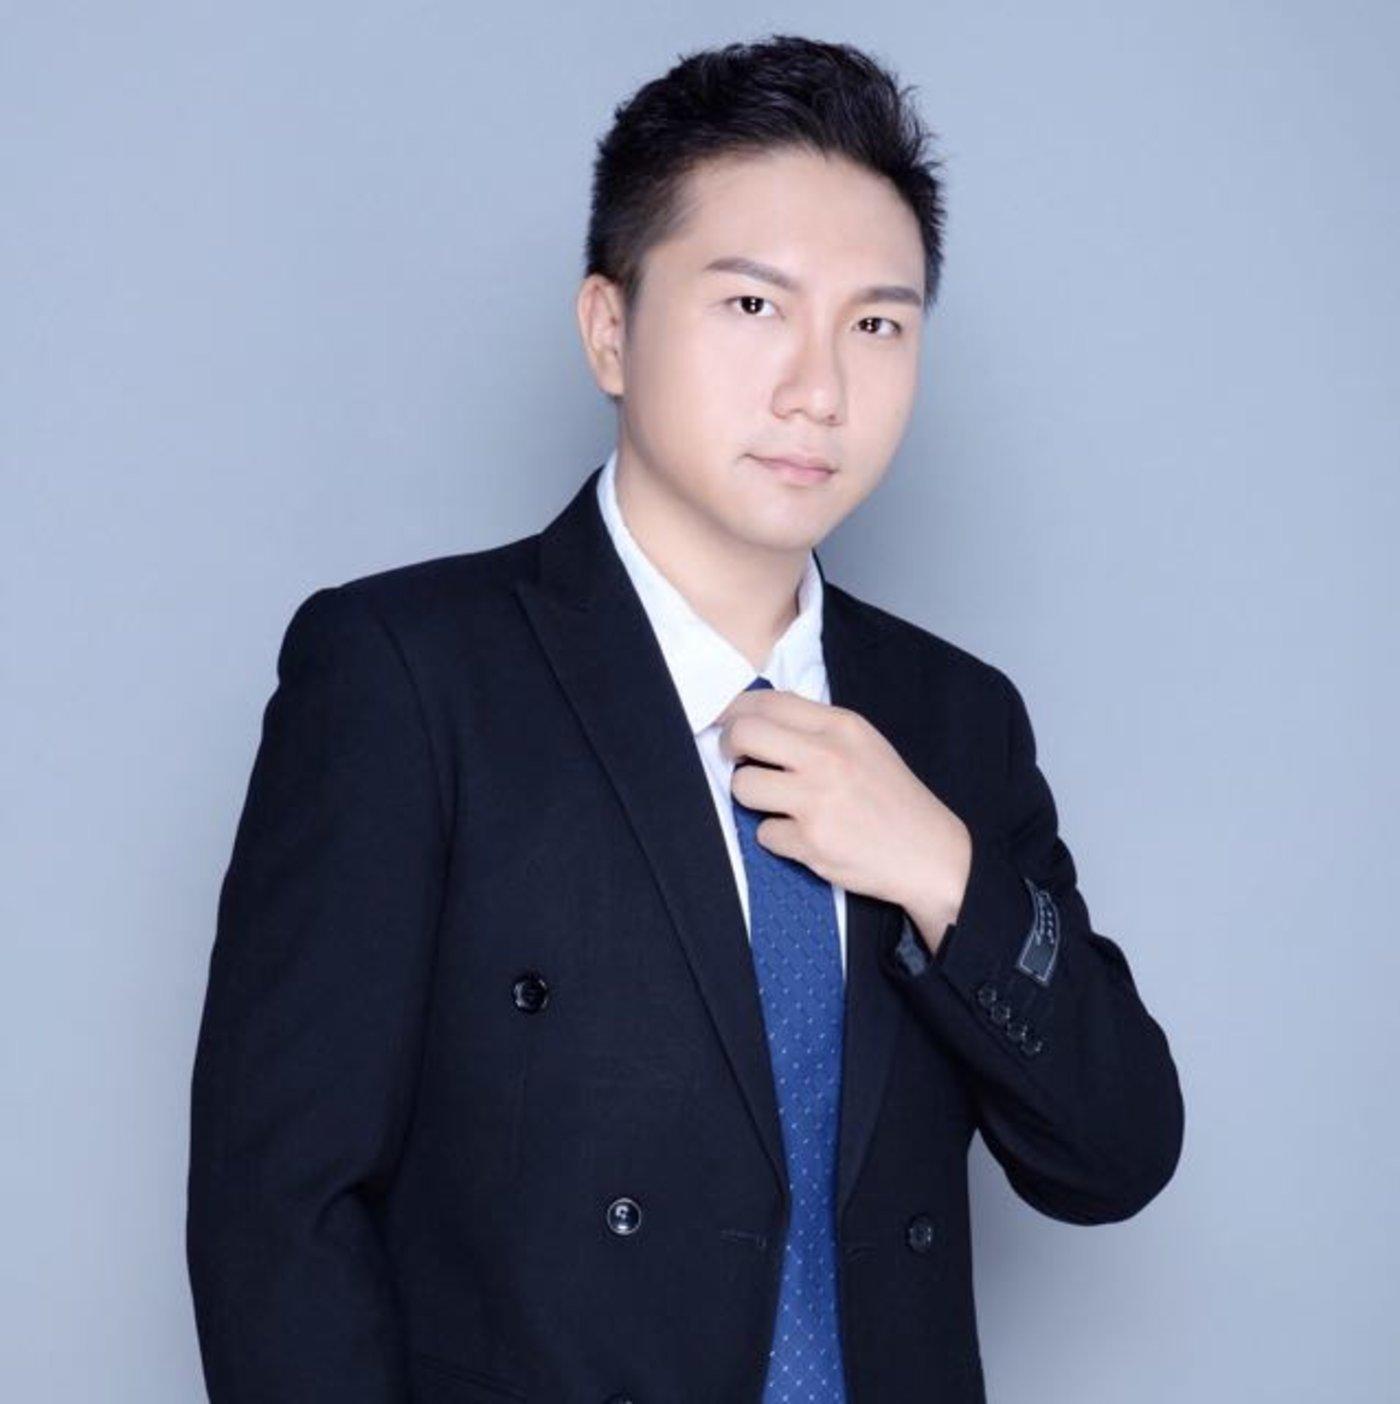 辩手李慕阳